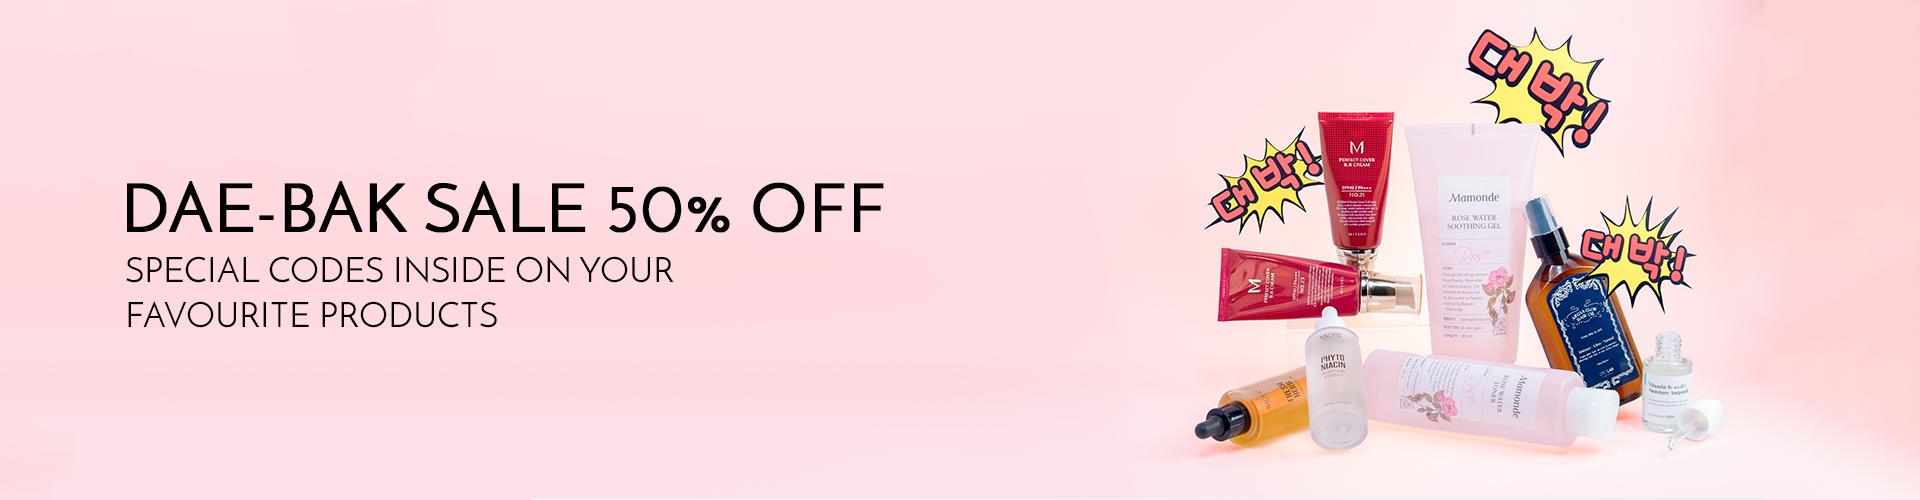 DaeBak Sale (50% off)